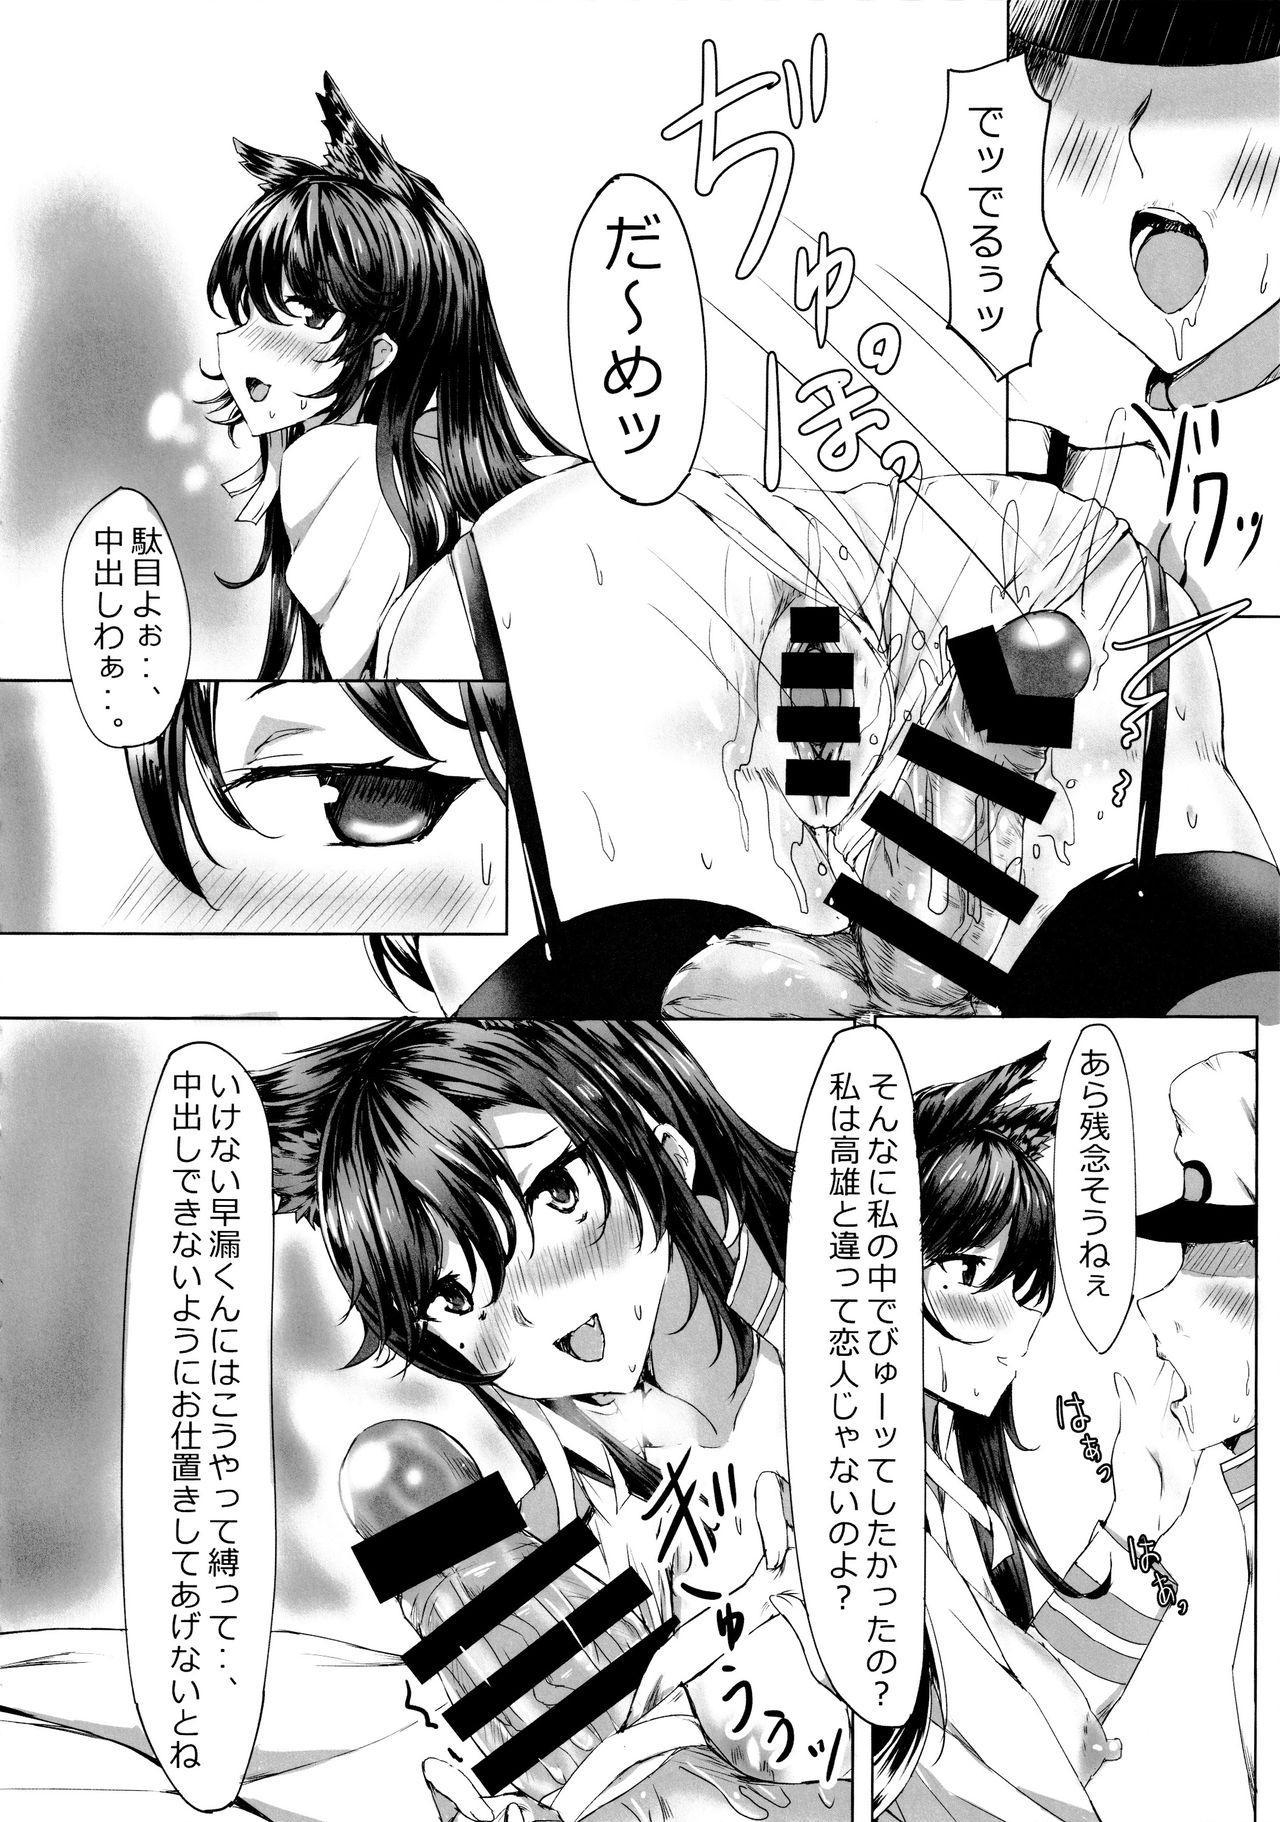 Onee-san ga Shiboritotte Ageru 10